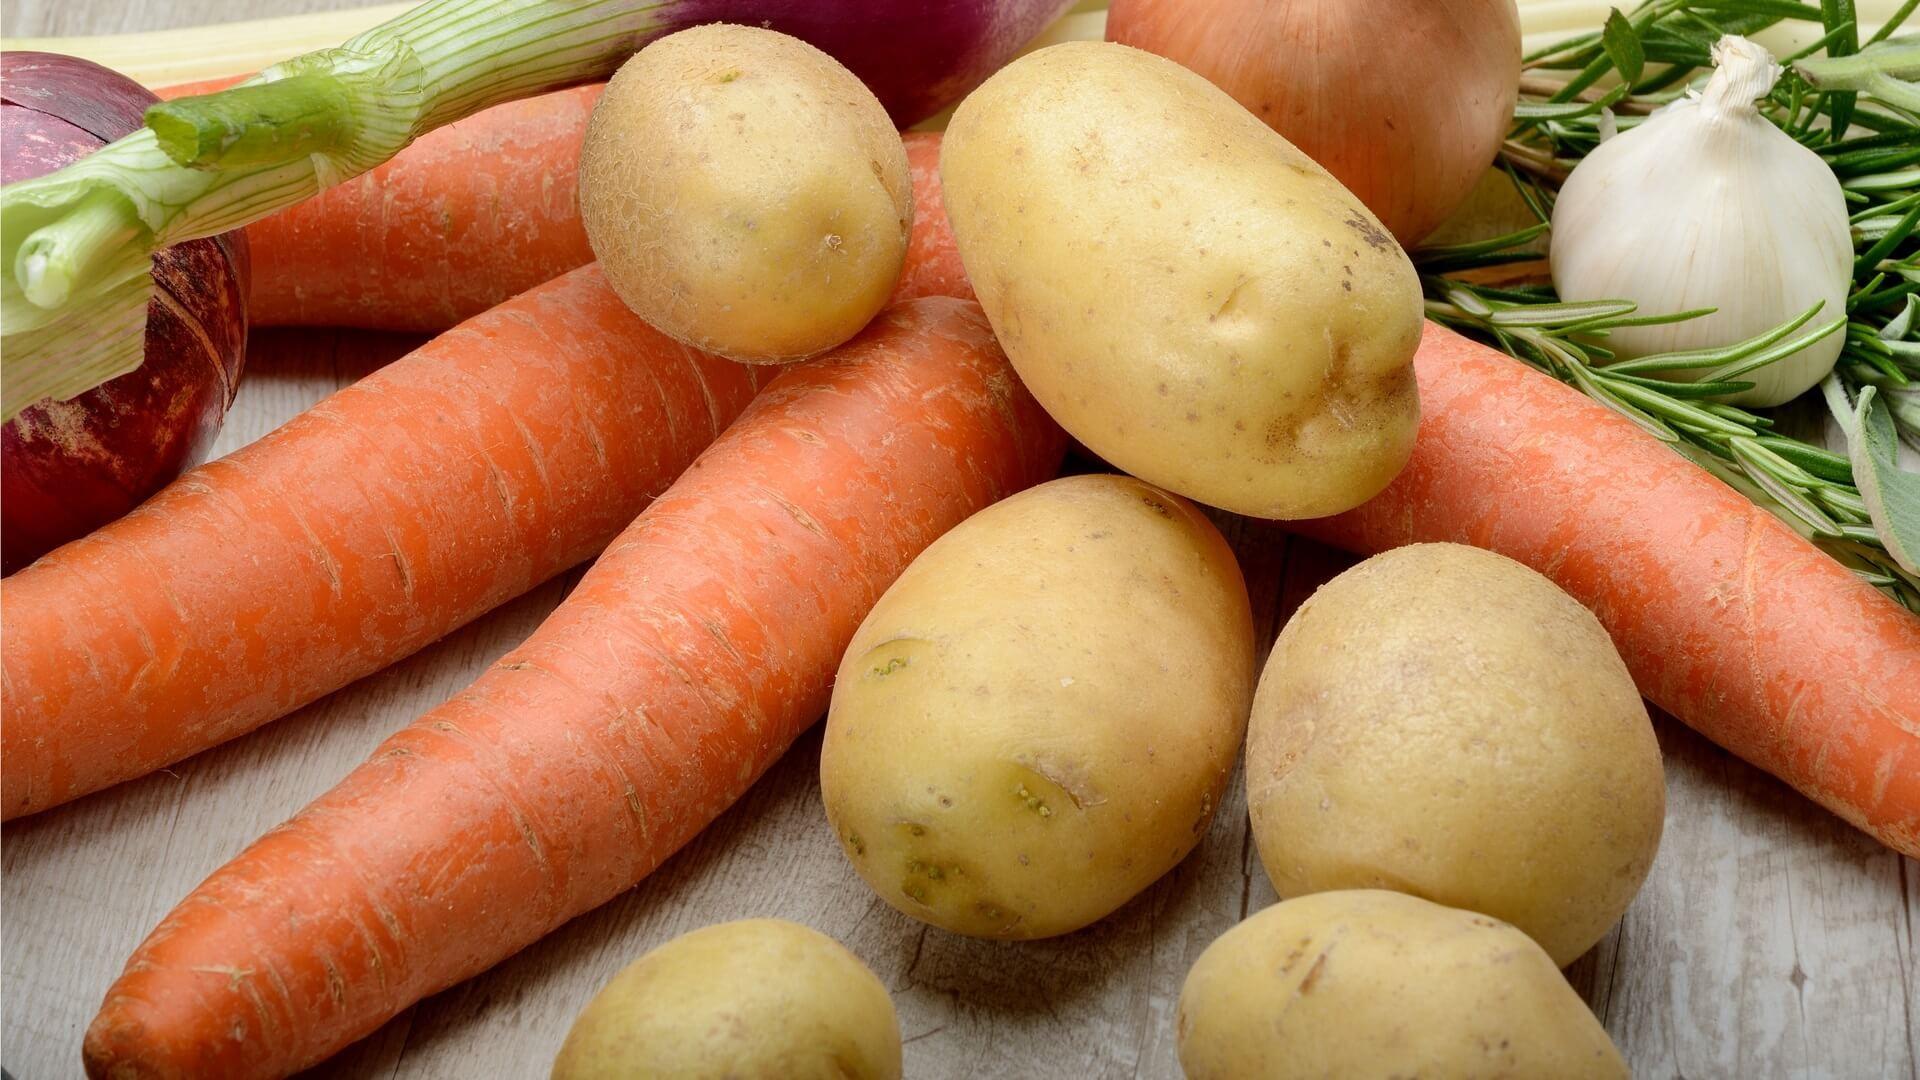 Carottes crues, pommes de terre et ail